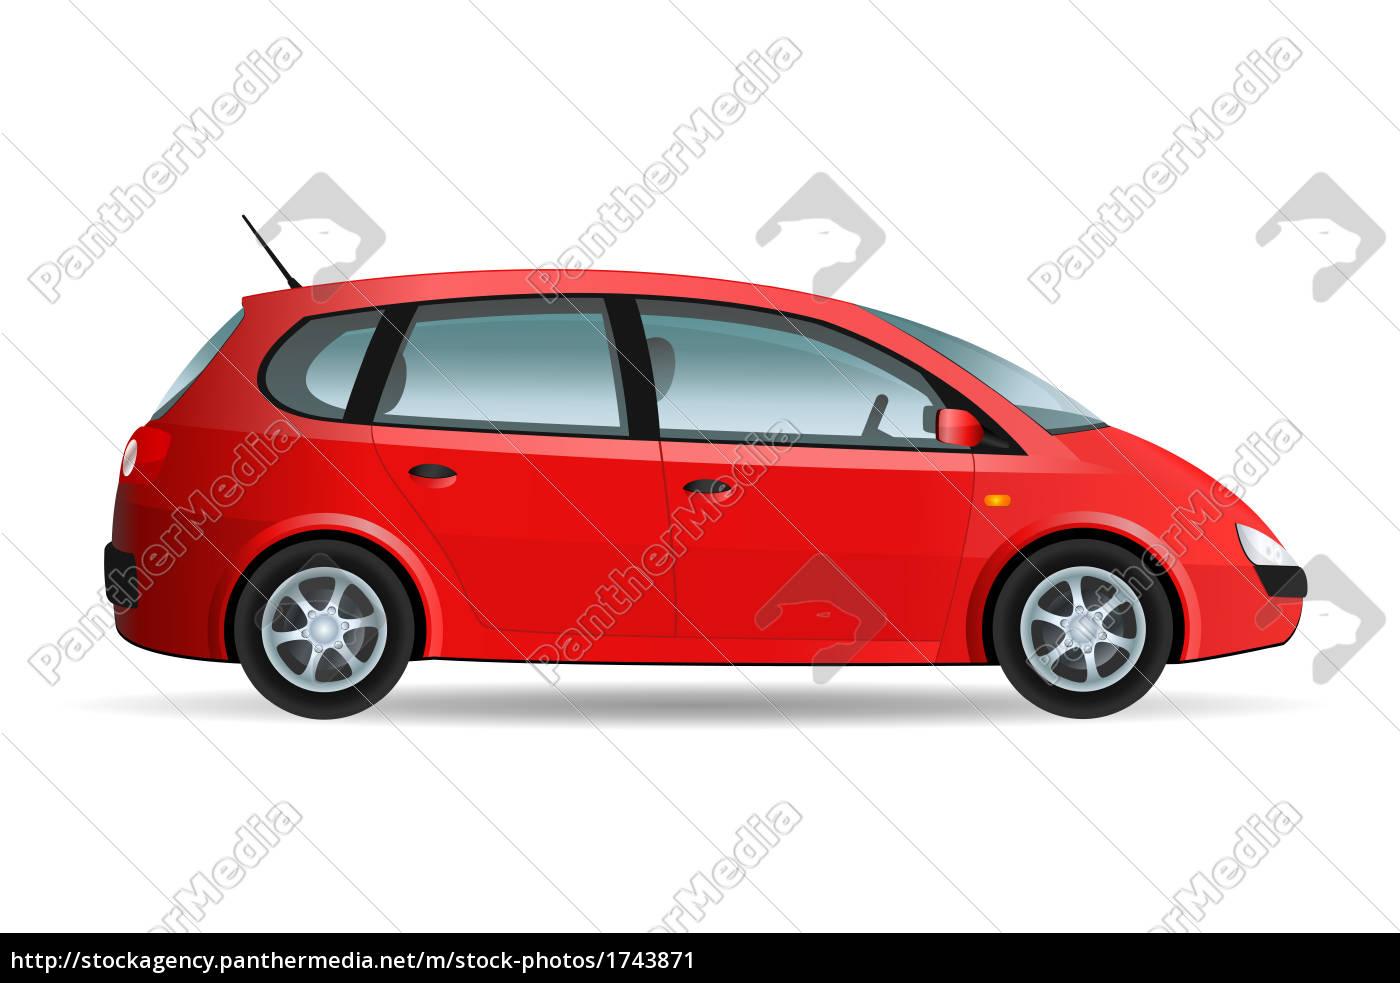 red, minivan - 1743871